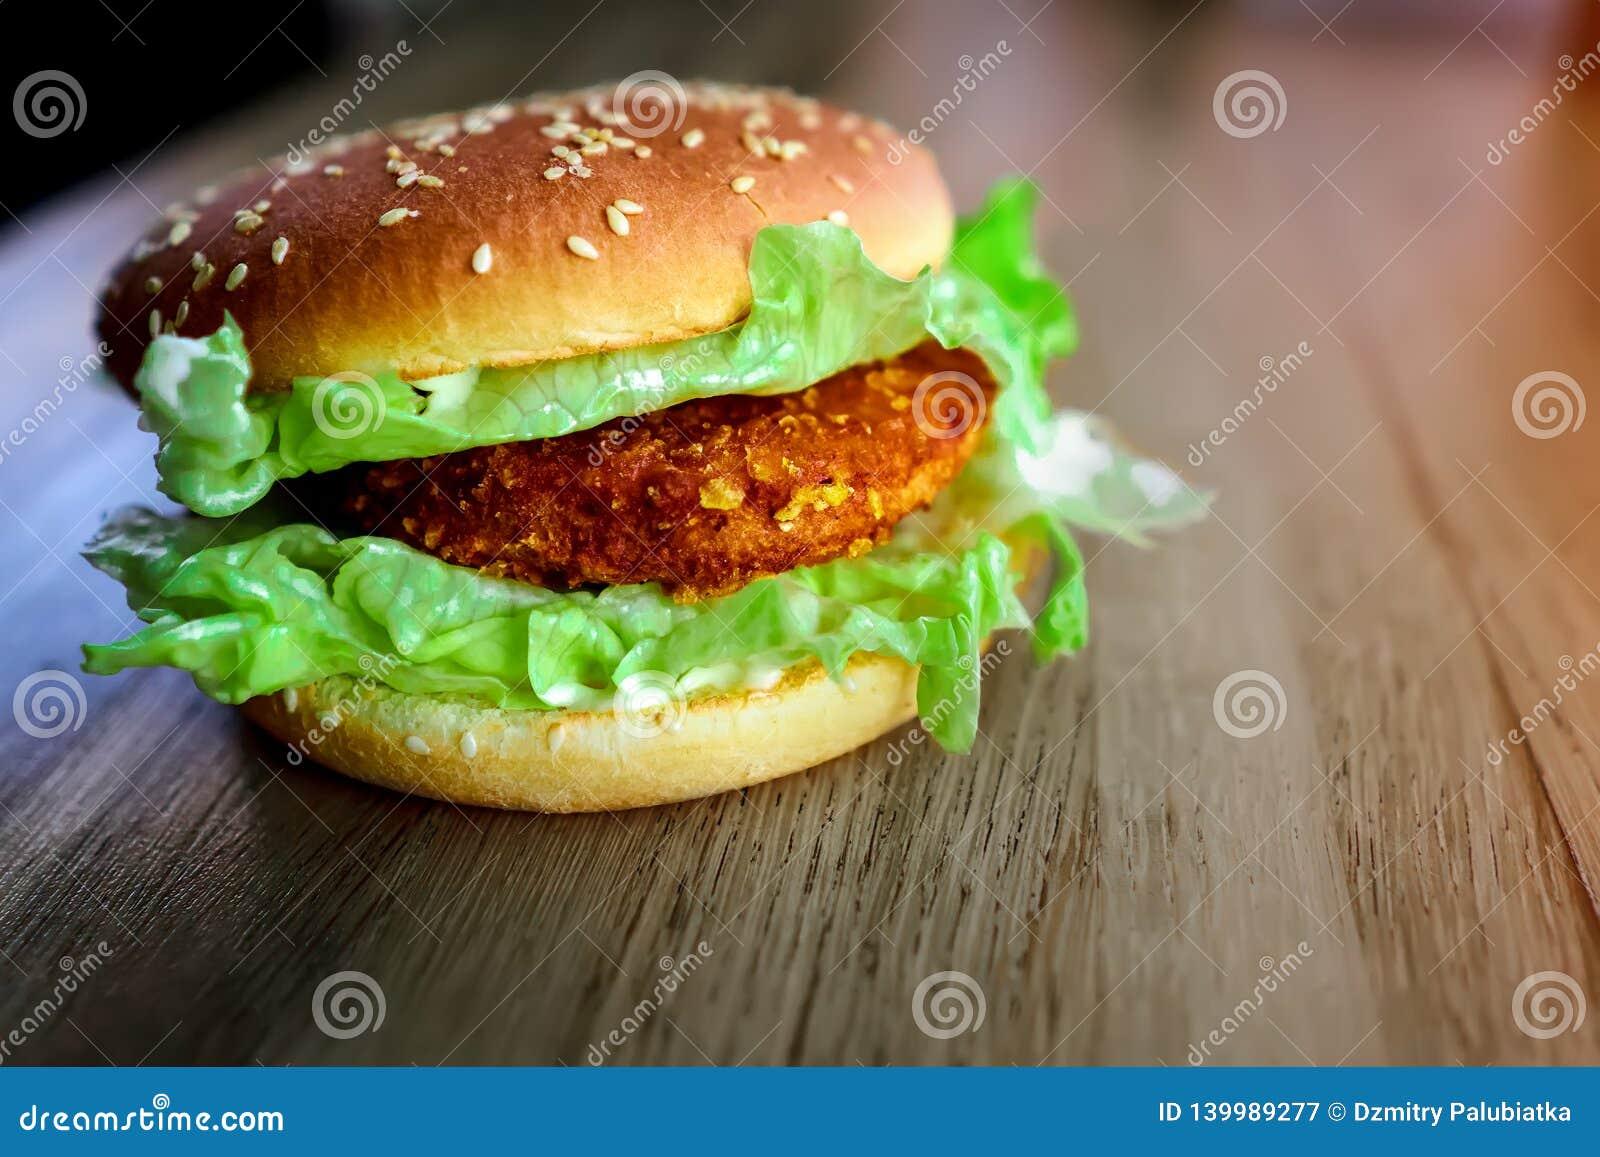 Εύγευστο και όμορφο Burger στον πίνακα